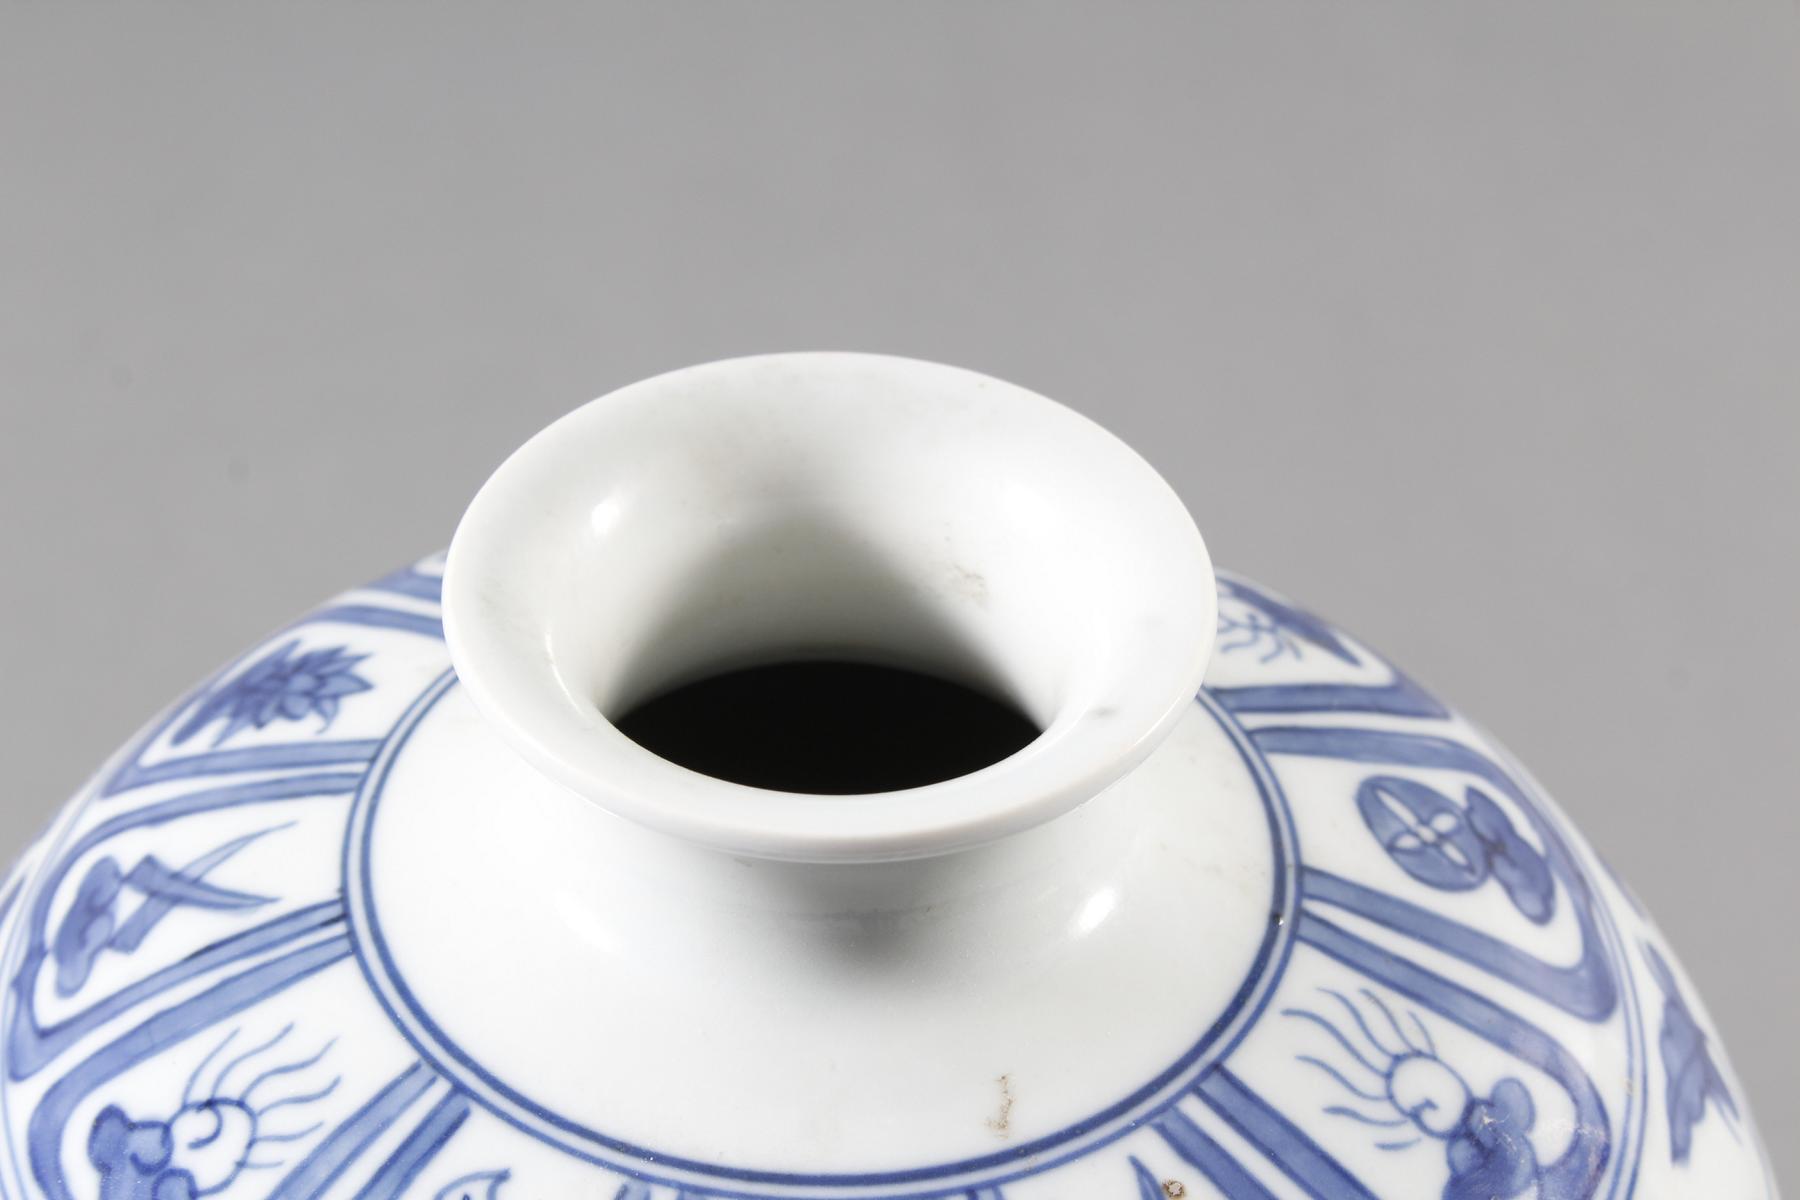 """Blau-Weiß- Porzellan Ziervase """"Meiping"""", China, Thung-chih 1862-1874 gemarkt-9"""